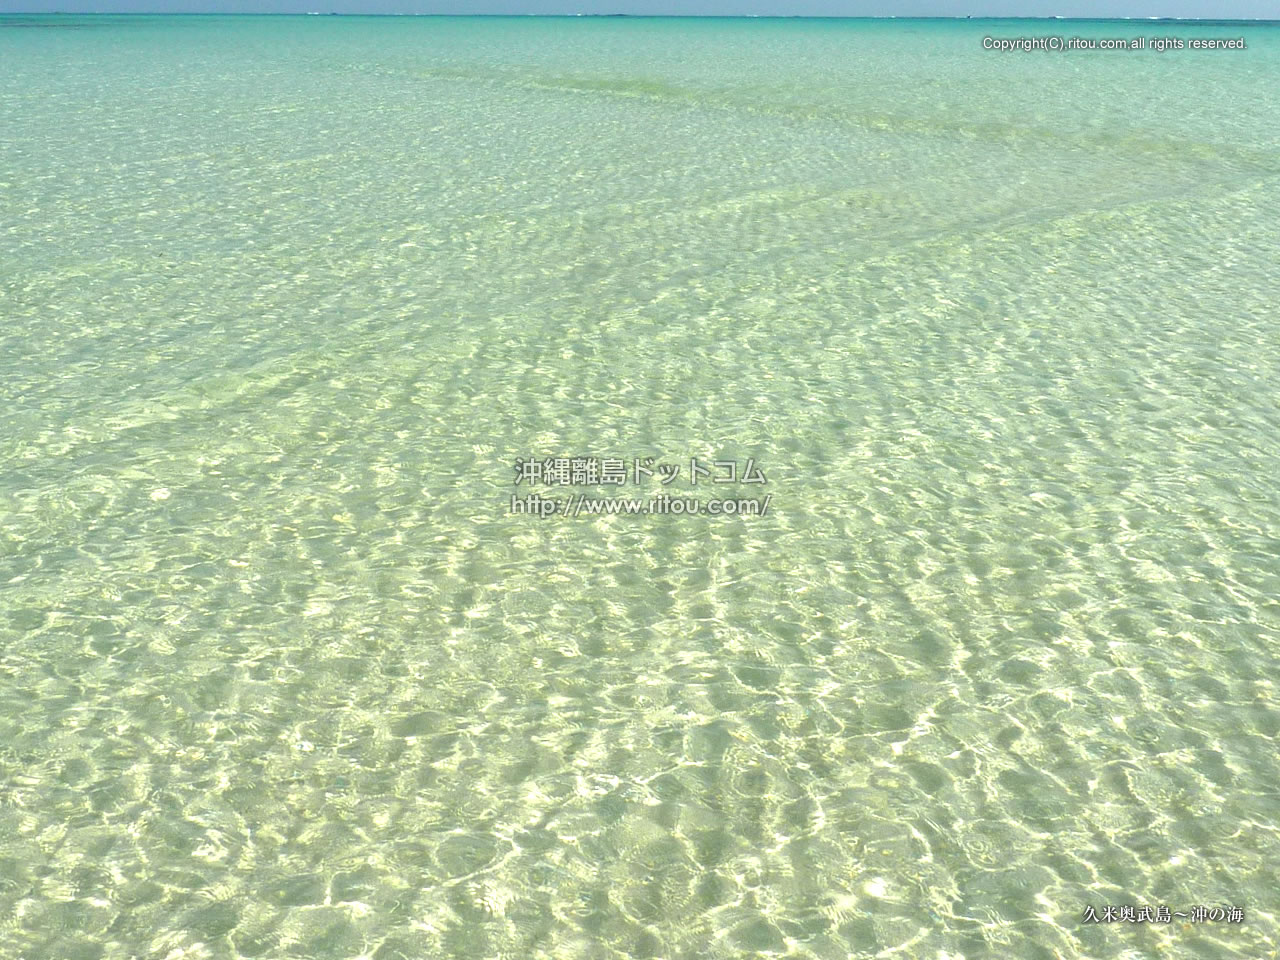 久米奥武島〜沖の海